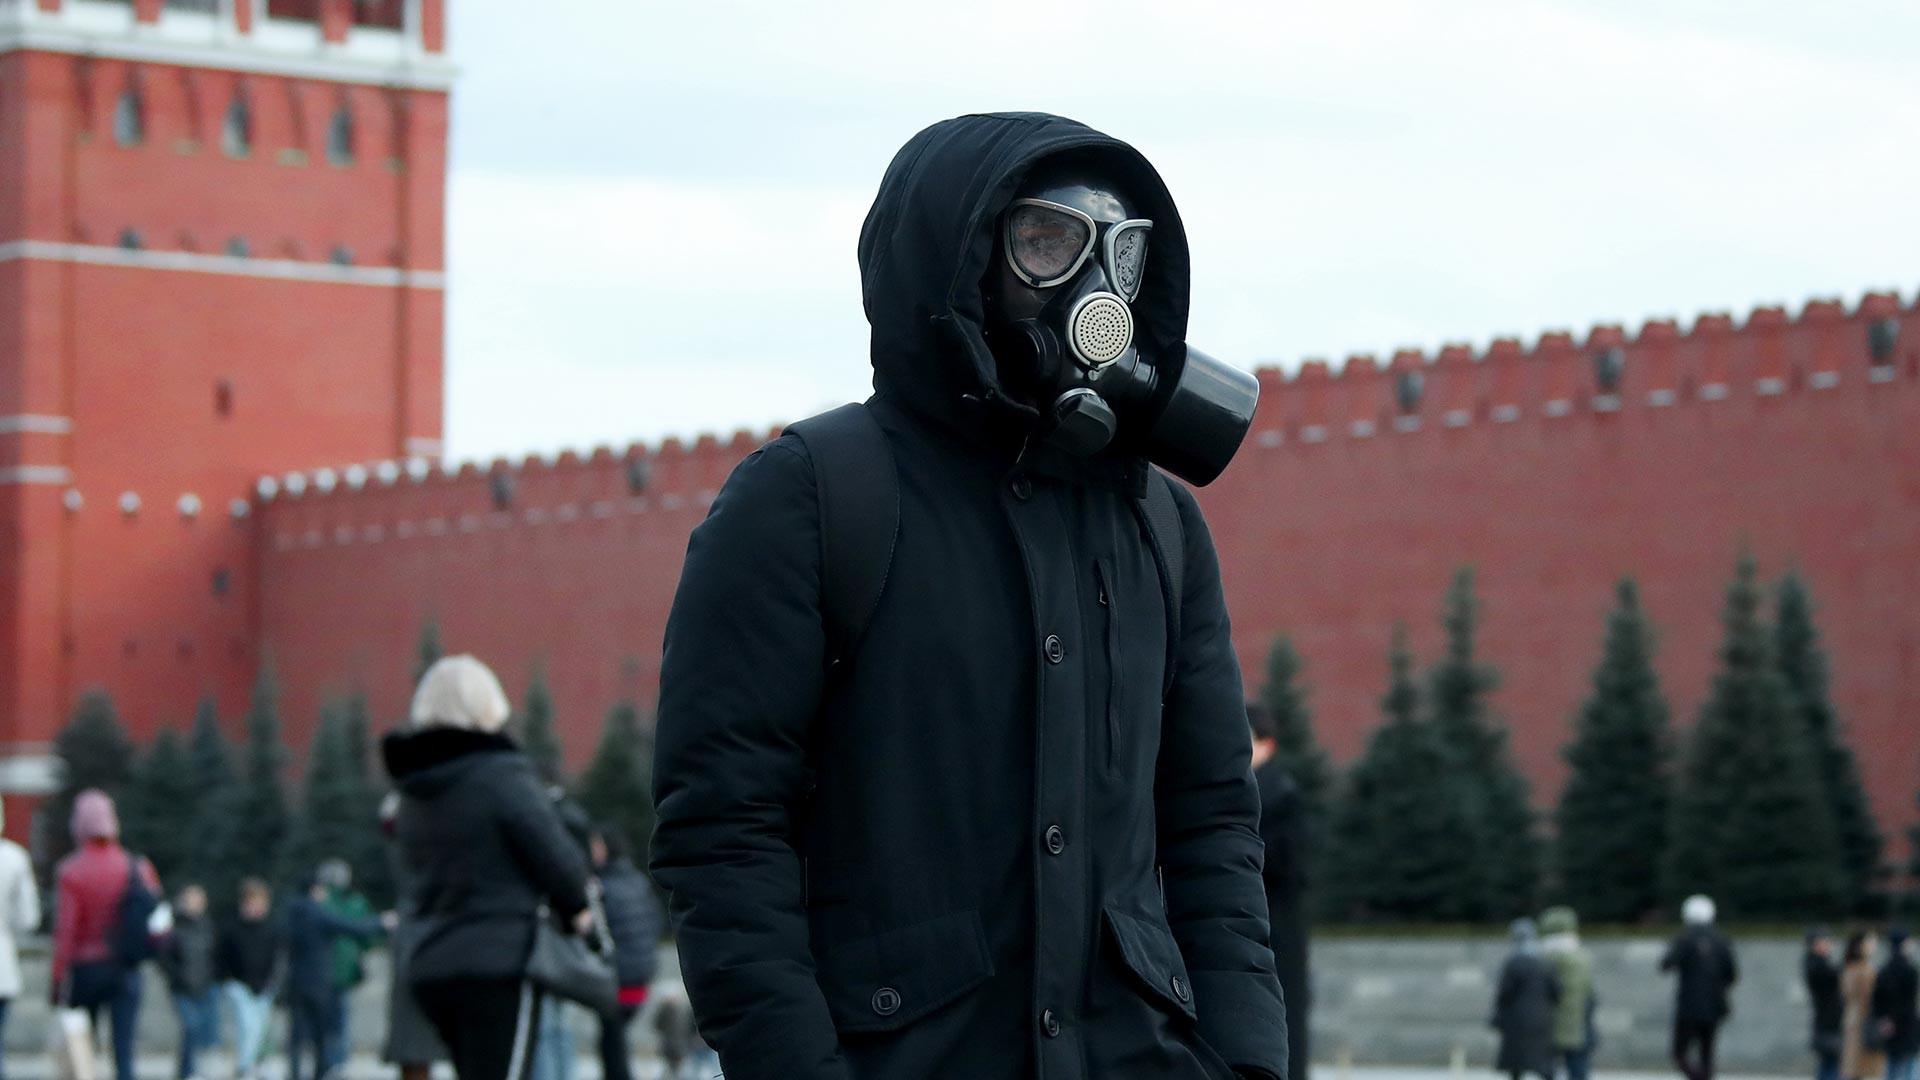 Jovem usando máscara de gás na Praça Vermelha